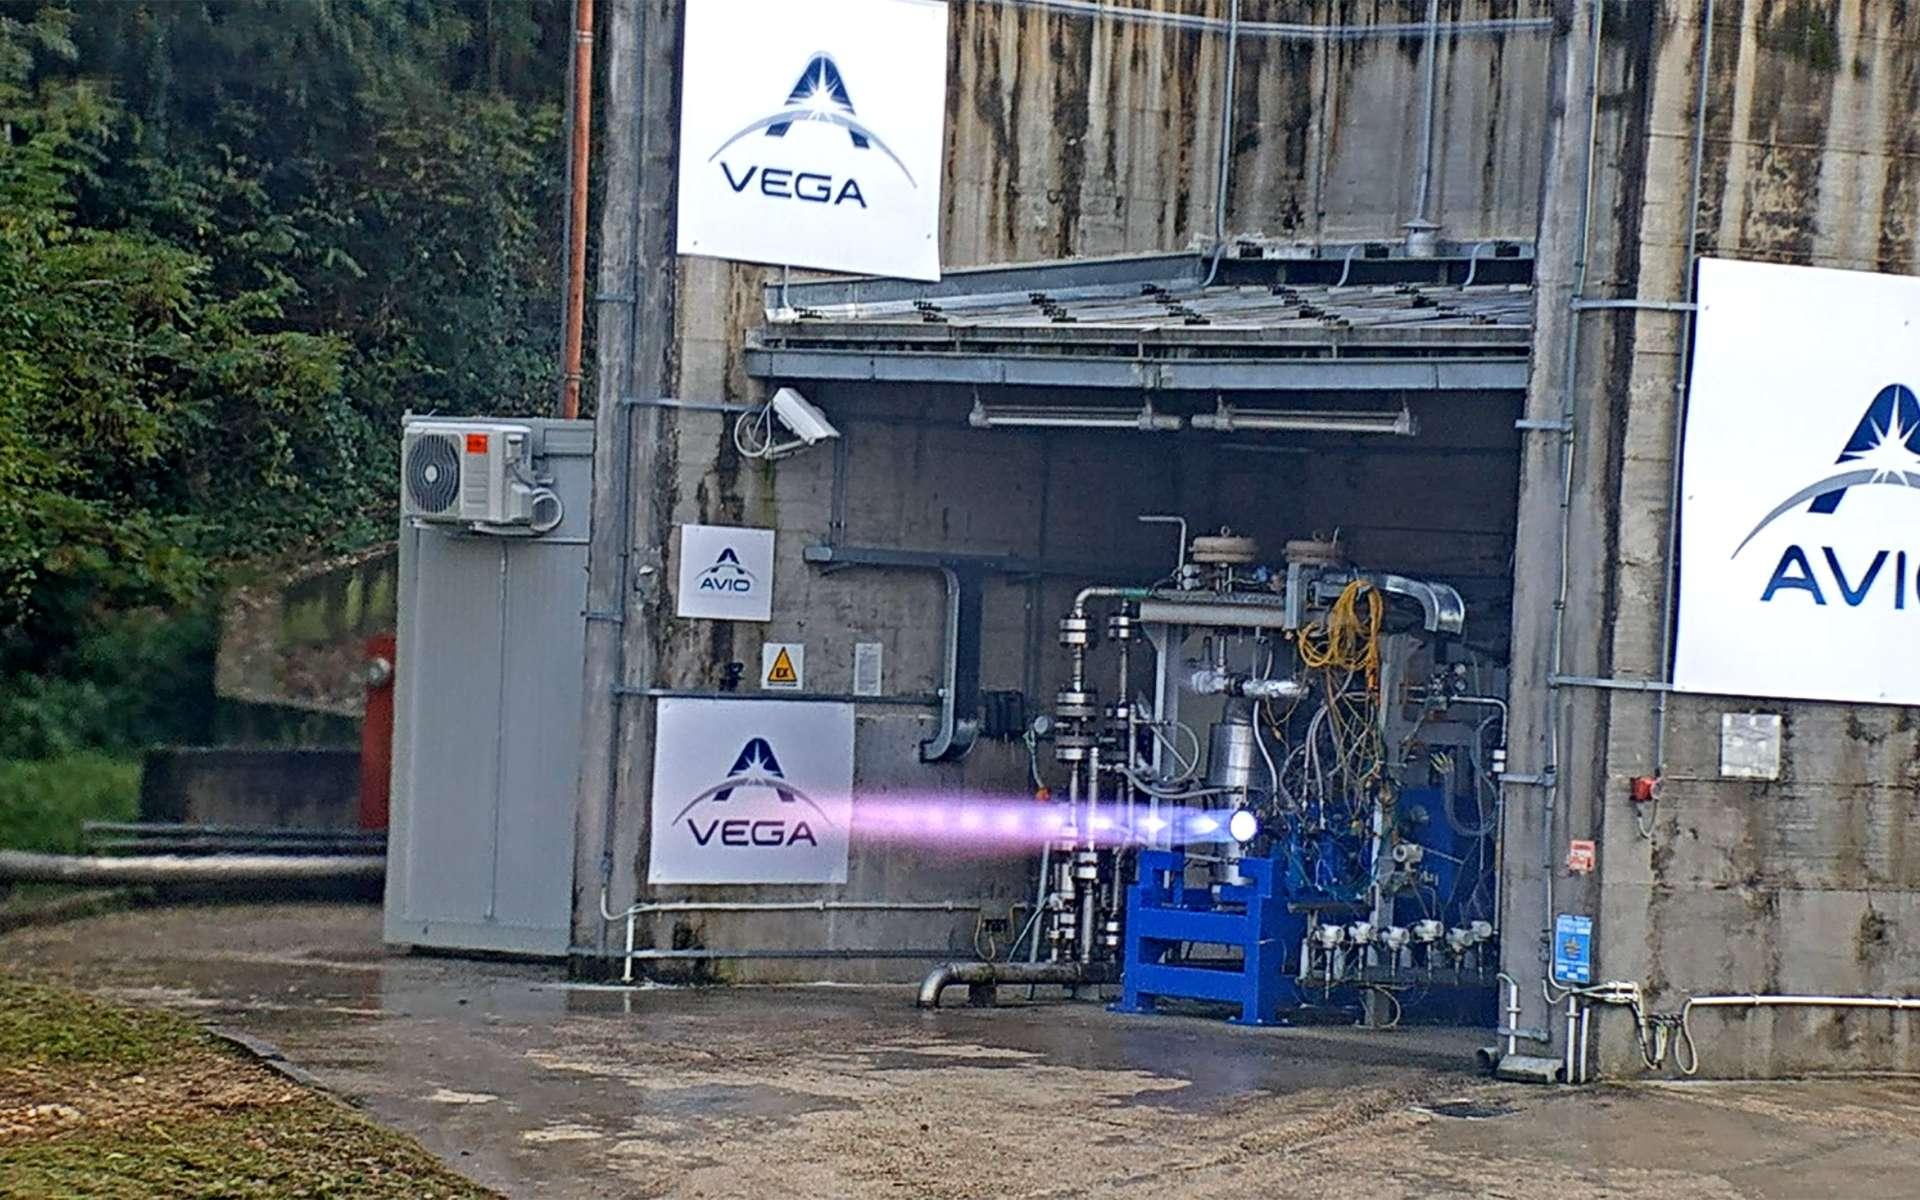 Premier essai sur banc de test du prototype de moteur M10 qui fonctionne avec un mélange d'oxygène et de méthane liquides. Ce moteur sera utilisé pour le futur Vega-E, une évolution du Vega-C qui doit entrer en service l'année prochaine. © Avio